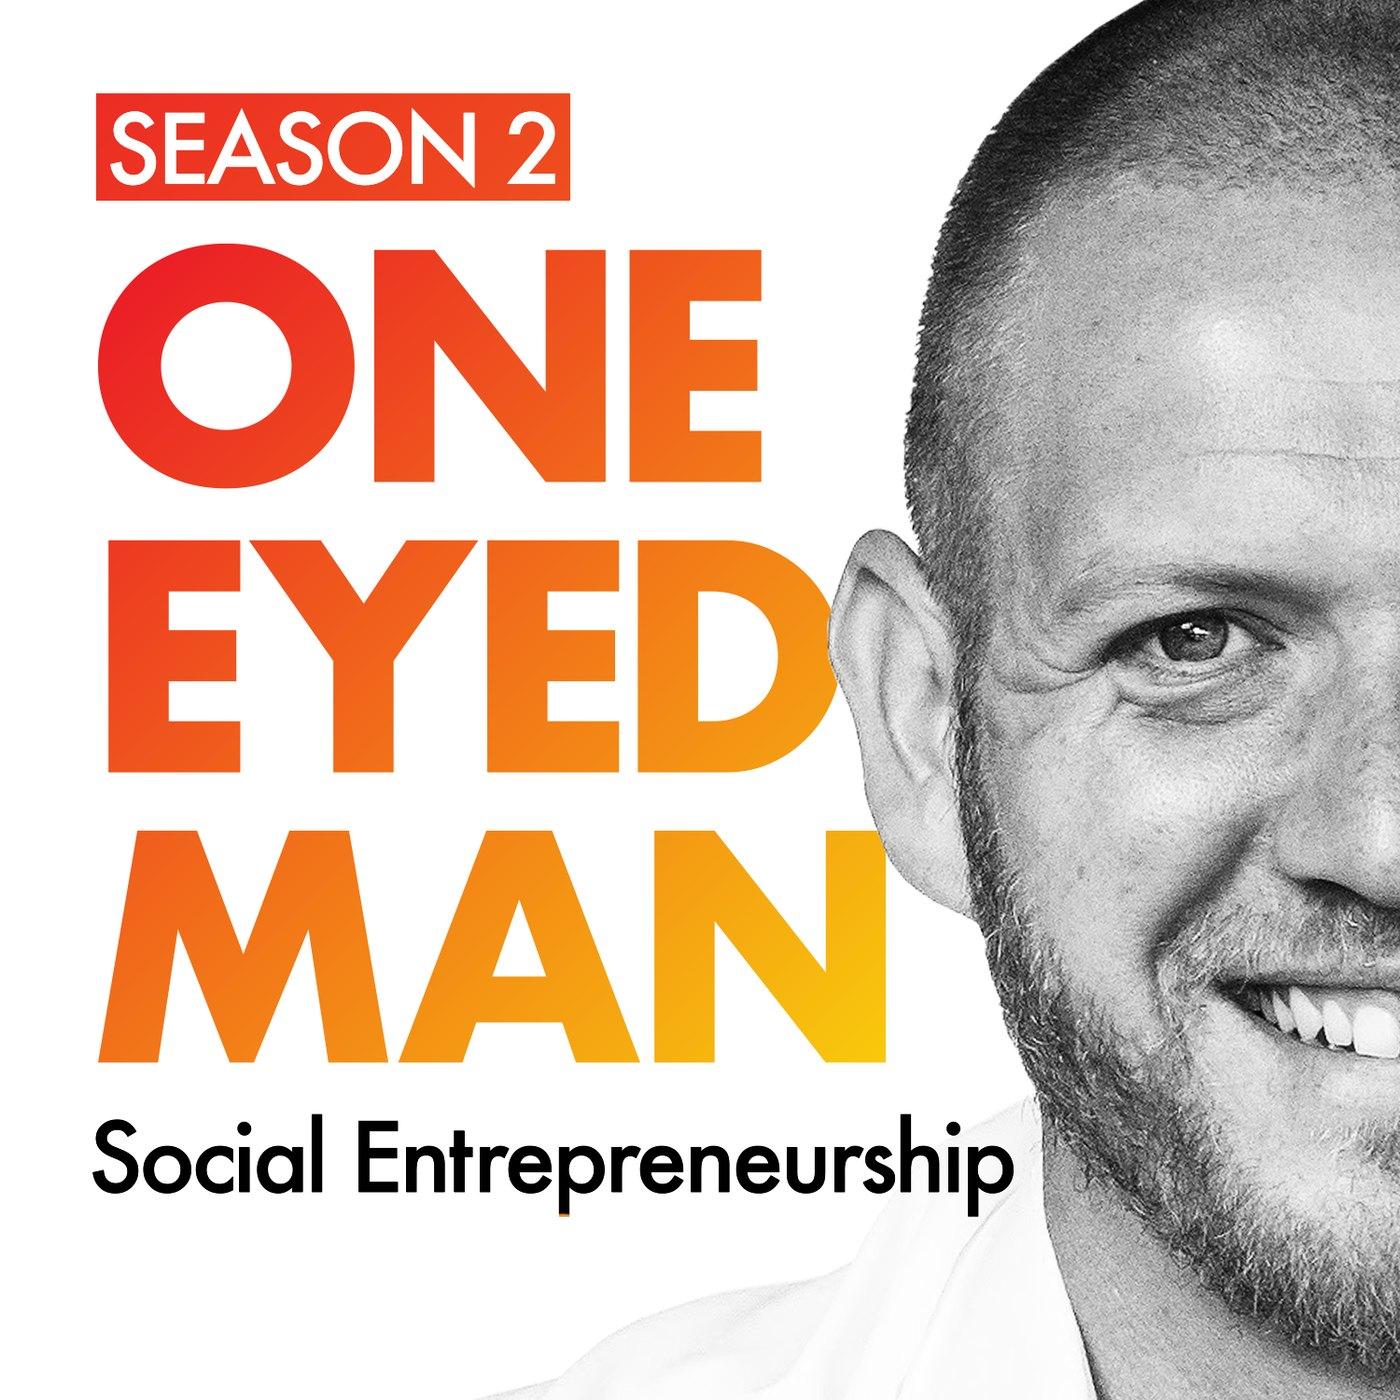 The One-Eyed Man Image